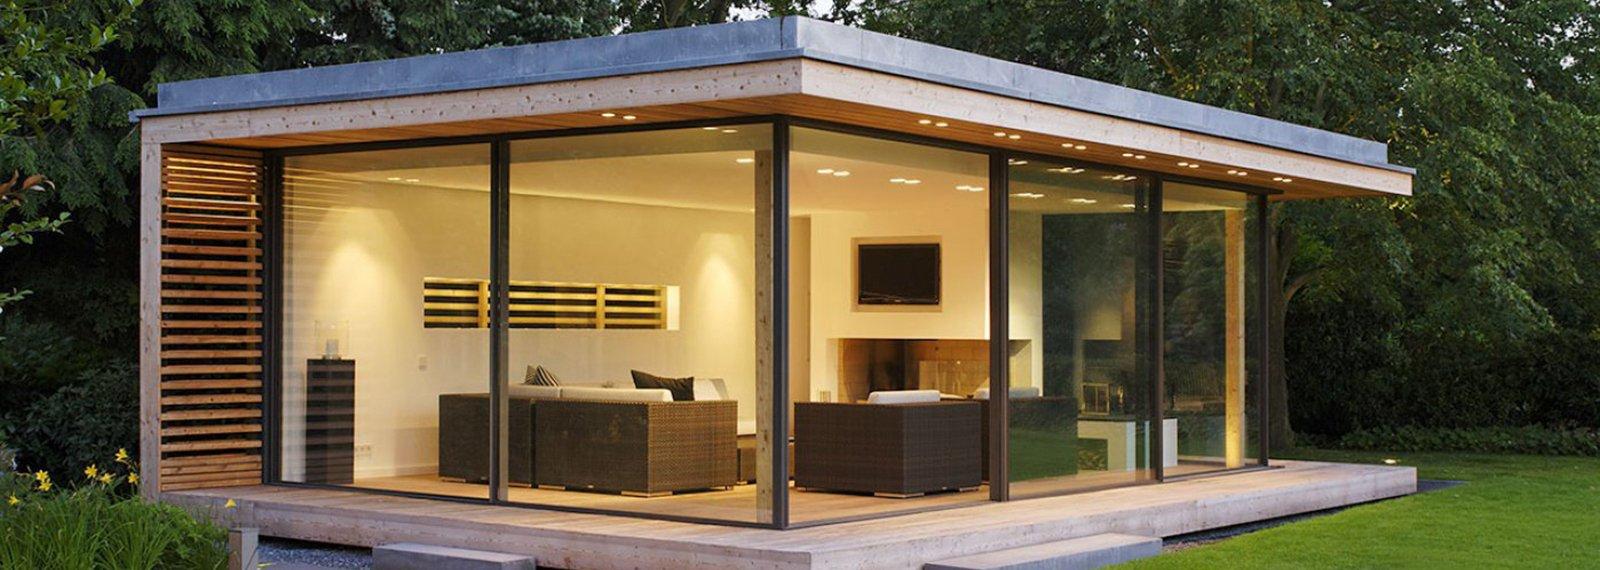 Studio De Jardin Bois Habitable Pool House Extension Maison concernant Abri De Jardin Isolé